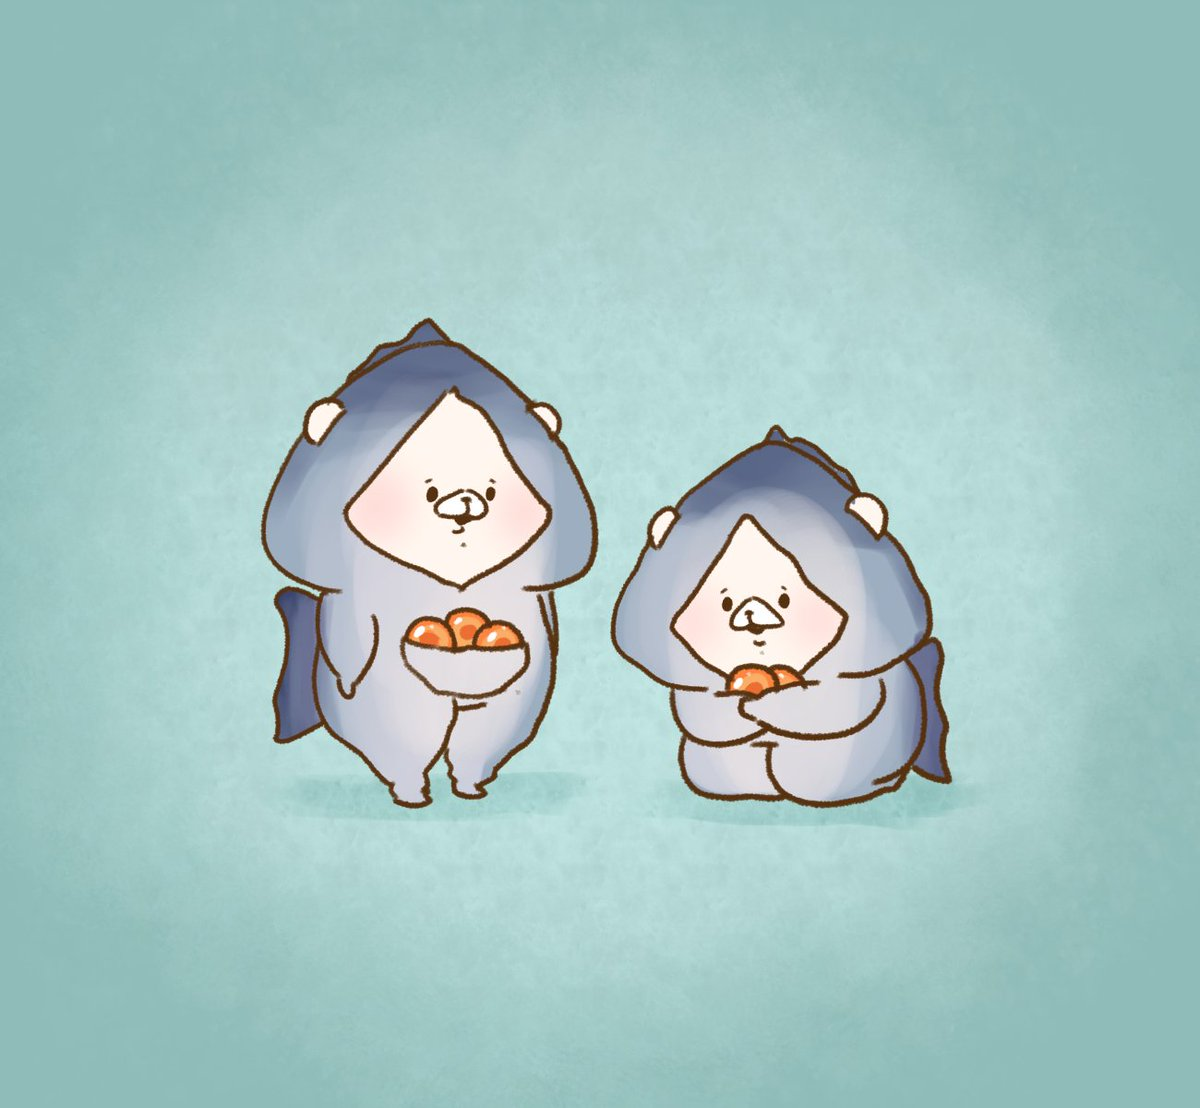 今日は鮭の日ヽ( 'ω' )ノ